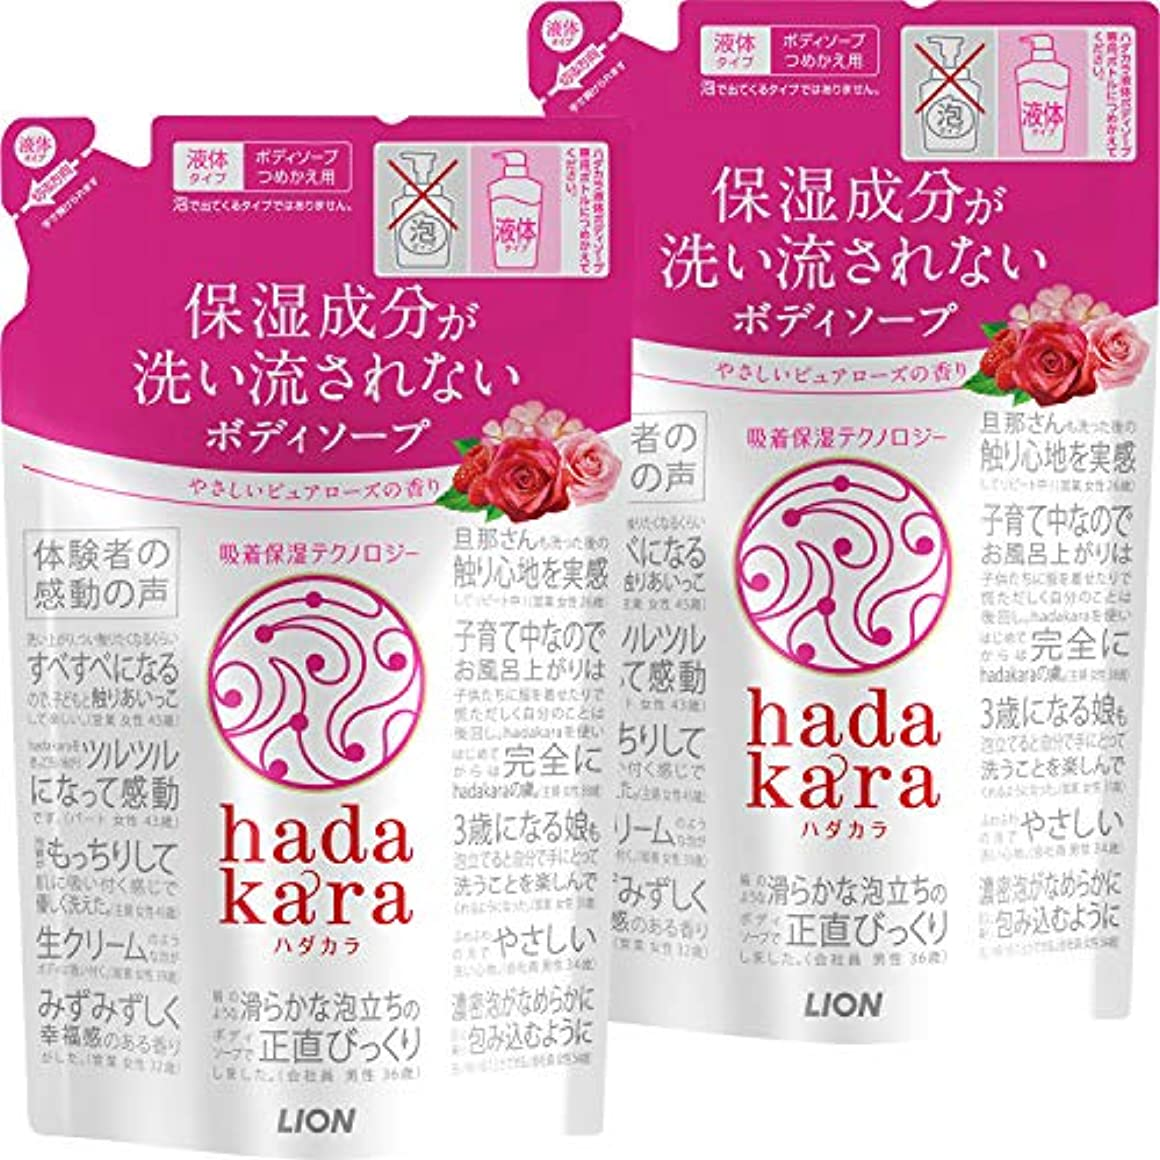 ファシズム今航海の【まとめ買い】hadakara(ハダカラ) ボディソープ ピュアローズの香り 詰め替え 360ml×2個パック